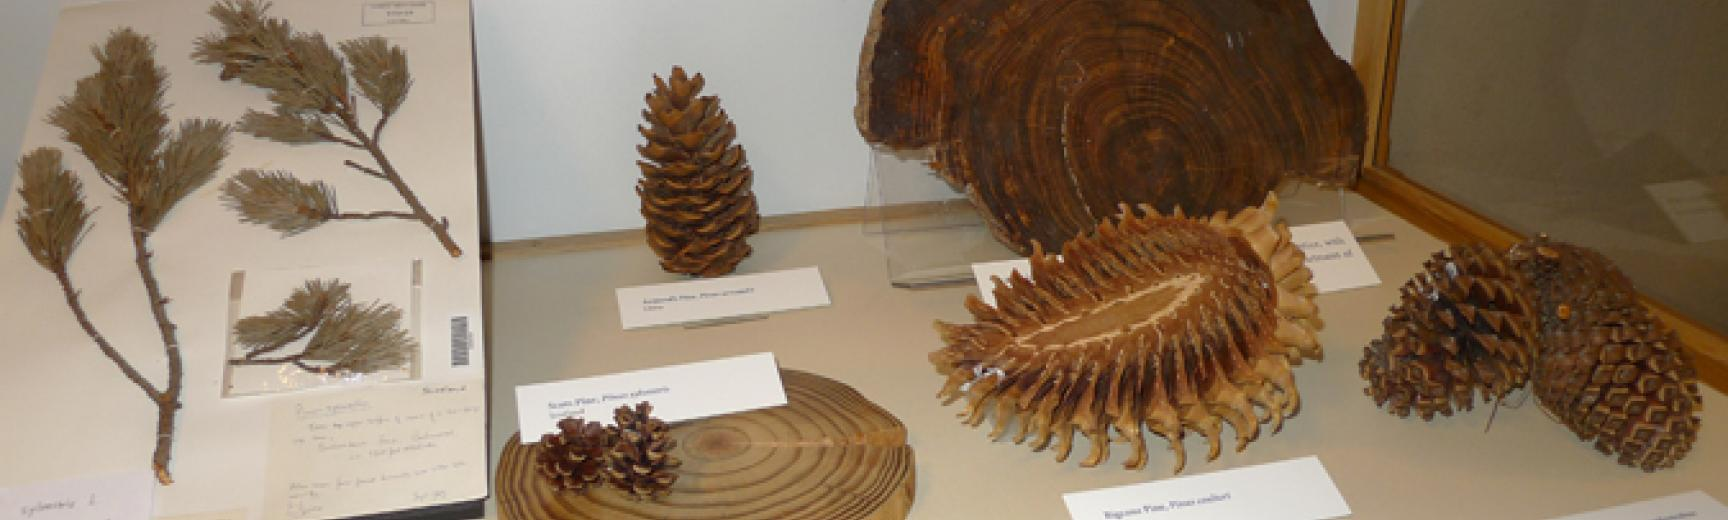 pine case